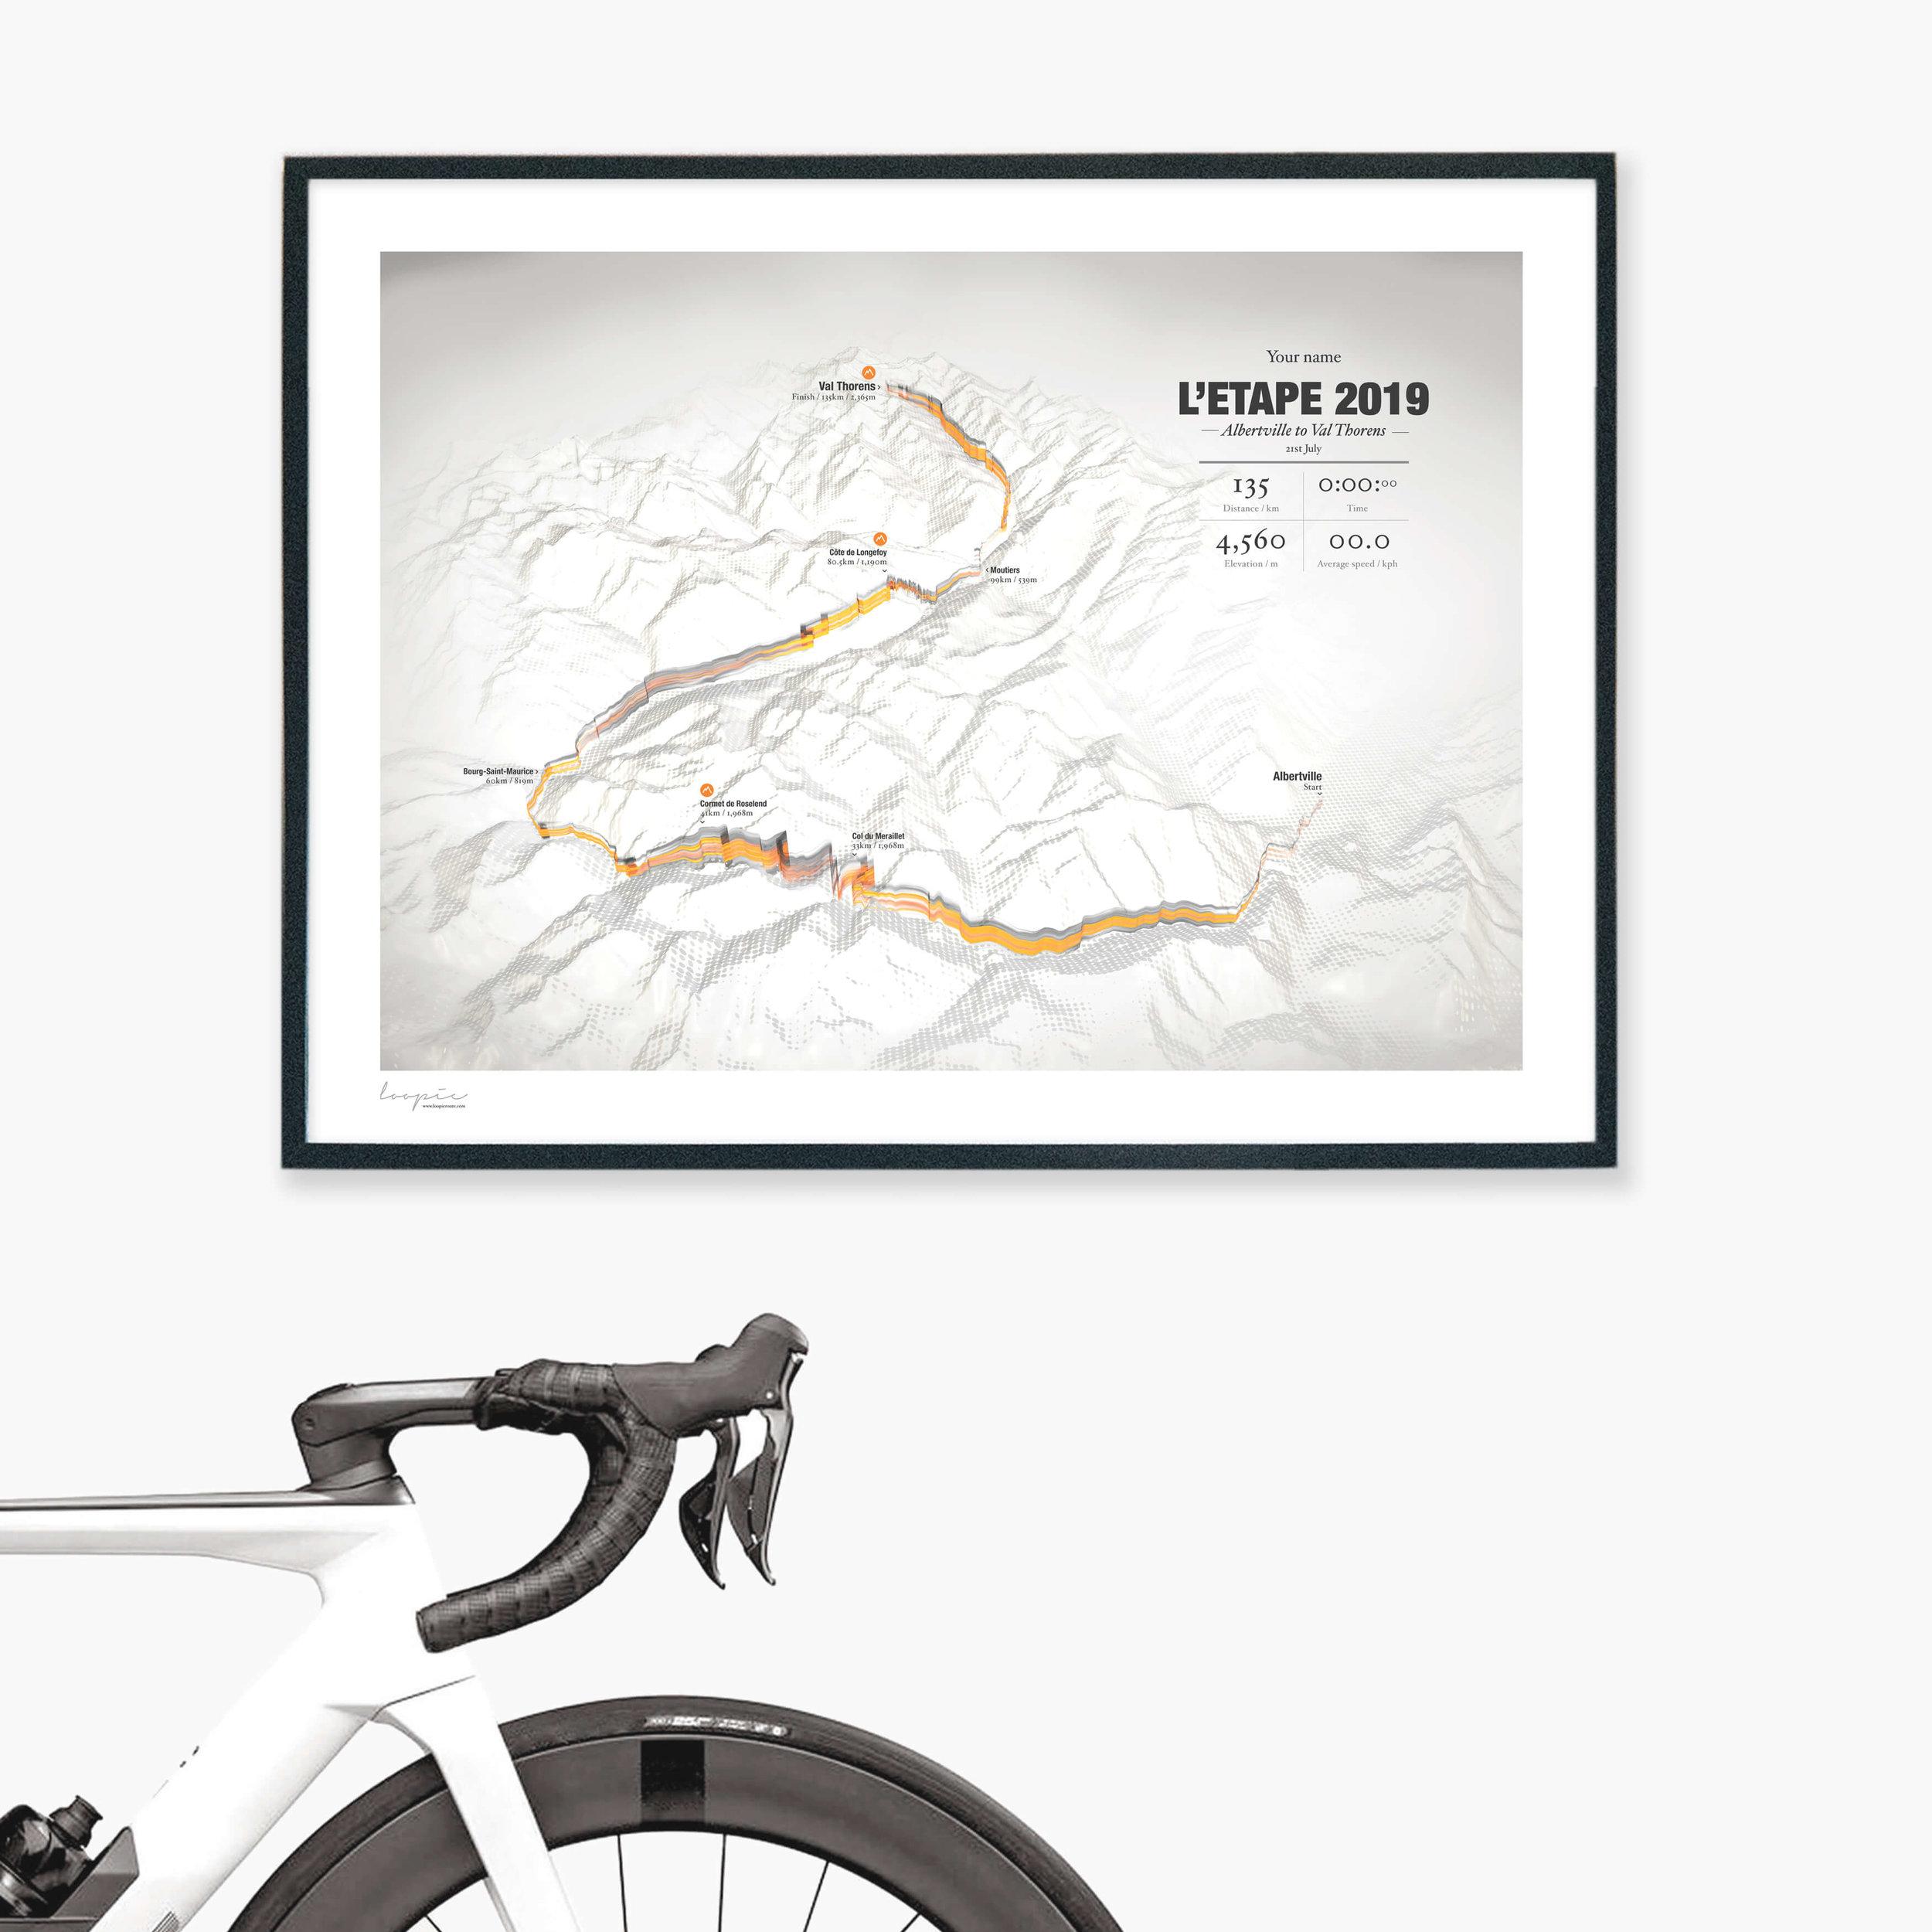 L'Etape2019 - Albertville to Val Thorens / 135km